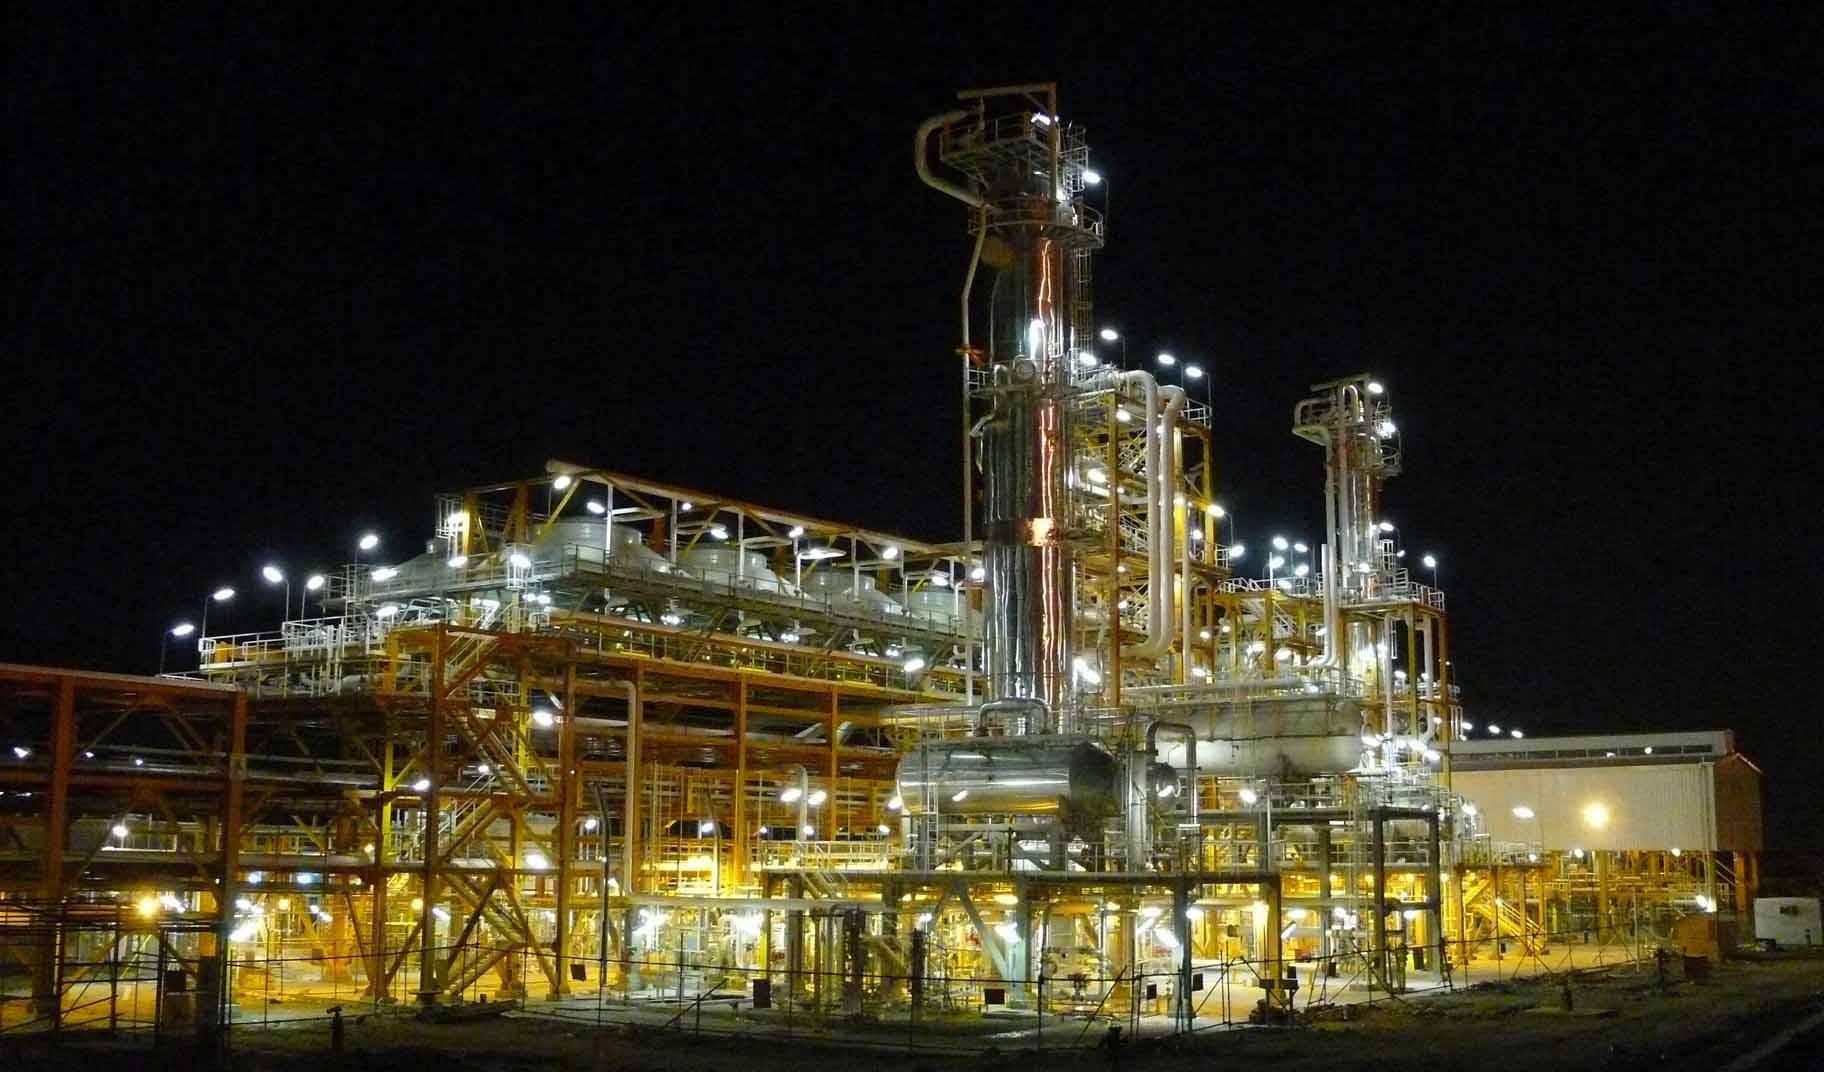 اطلاعیه وزارت نفت درباره اعلام گزارش تخلف مالی ازسوی دیوان محاسبات